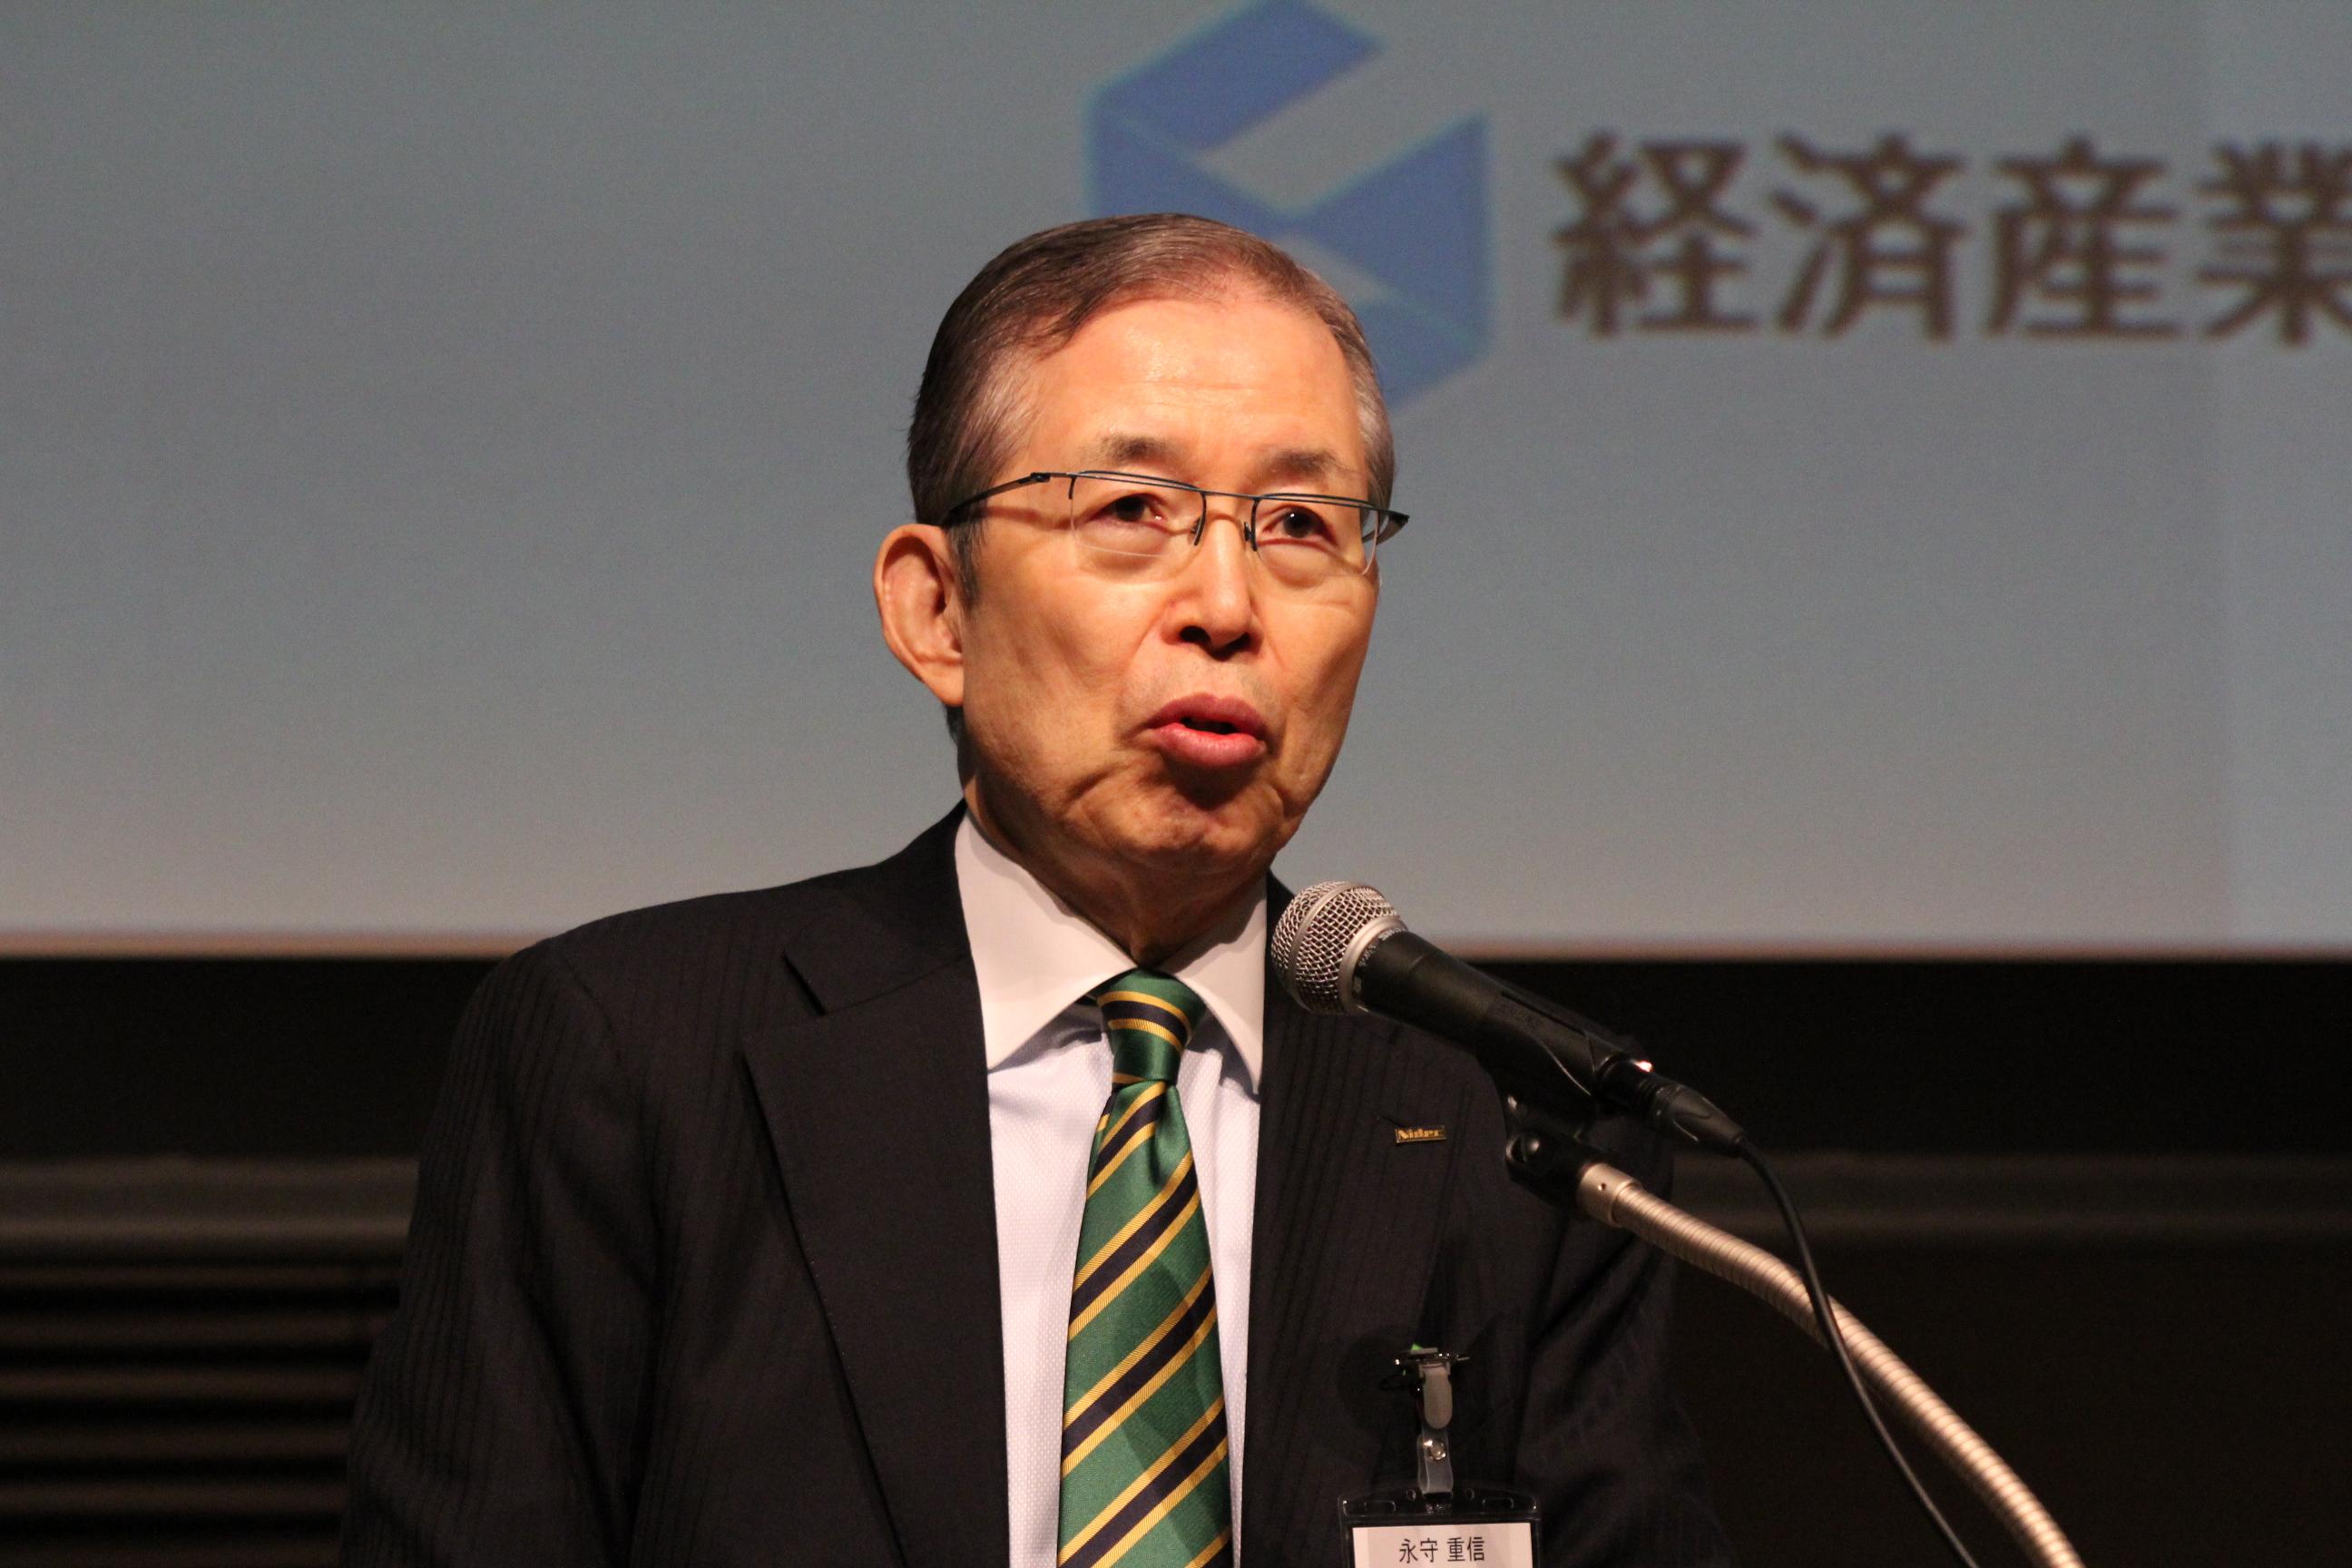 永守重信 日本電産会長兼社長 強い企業を作るためにはM&Aの活用が大切